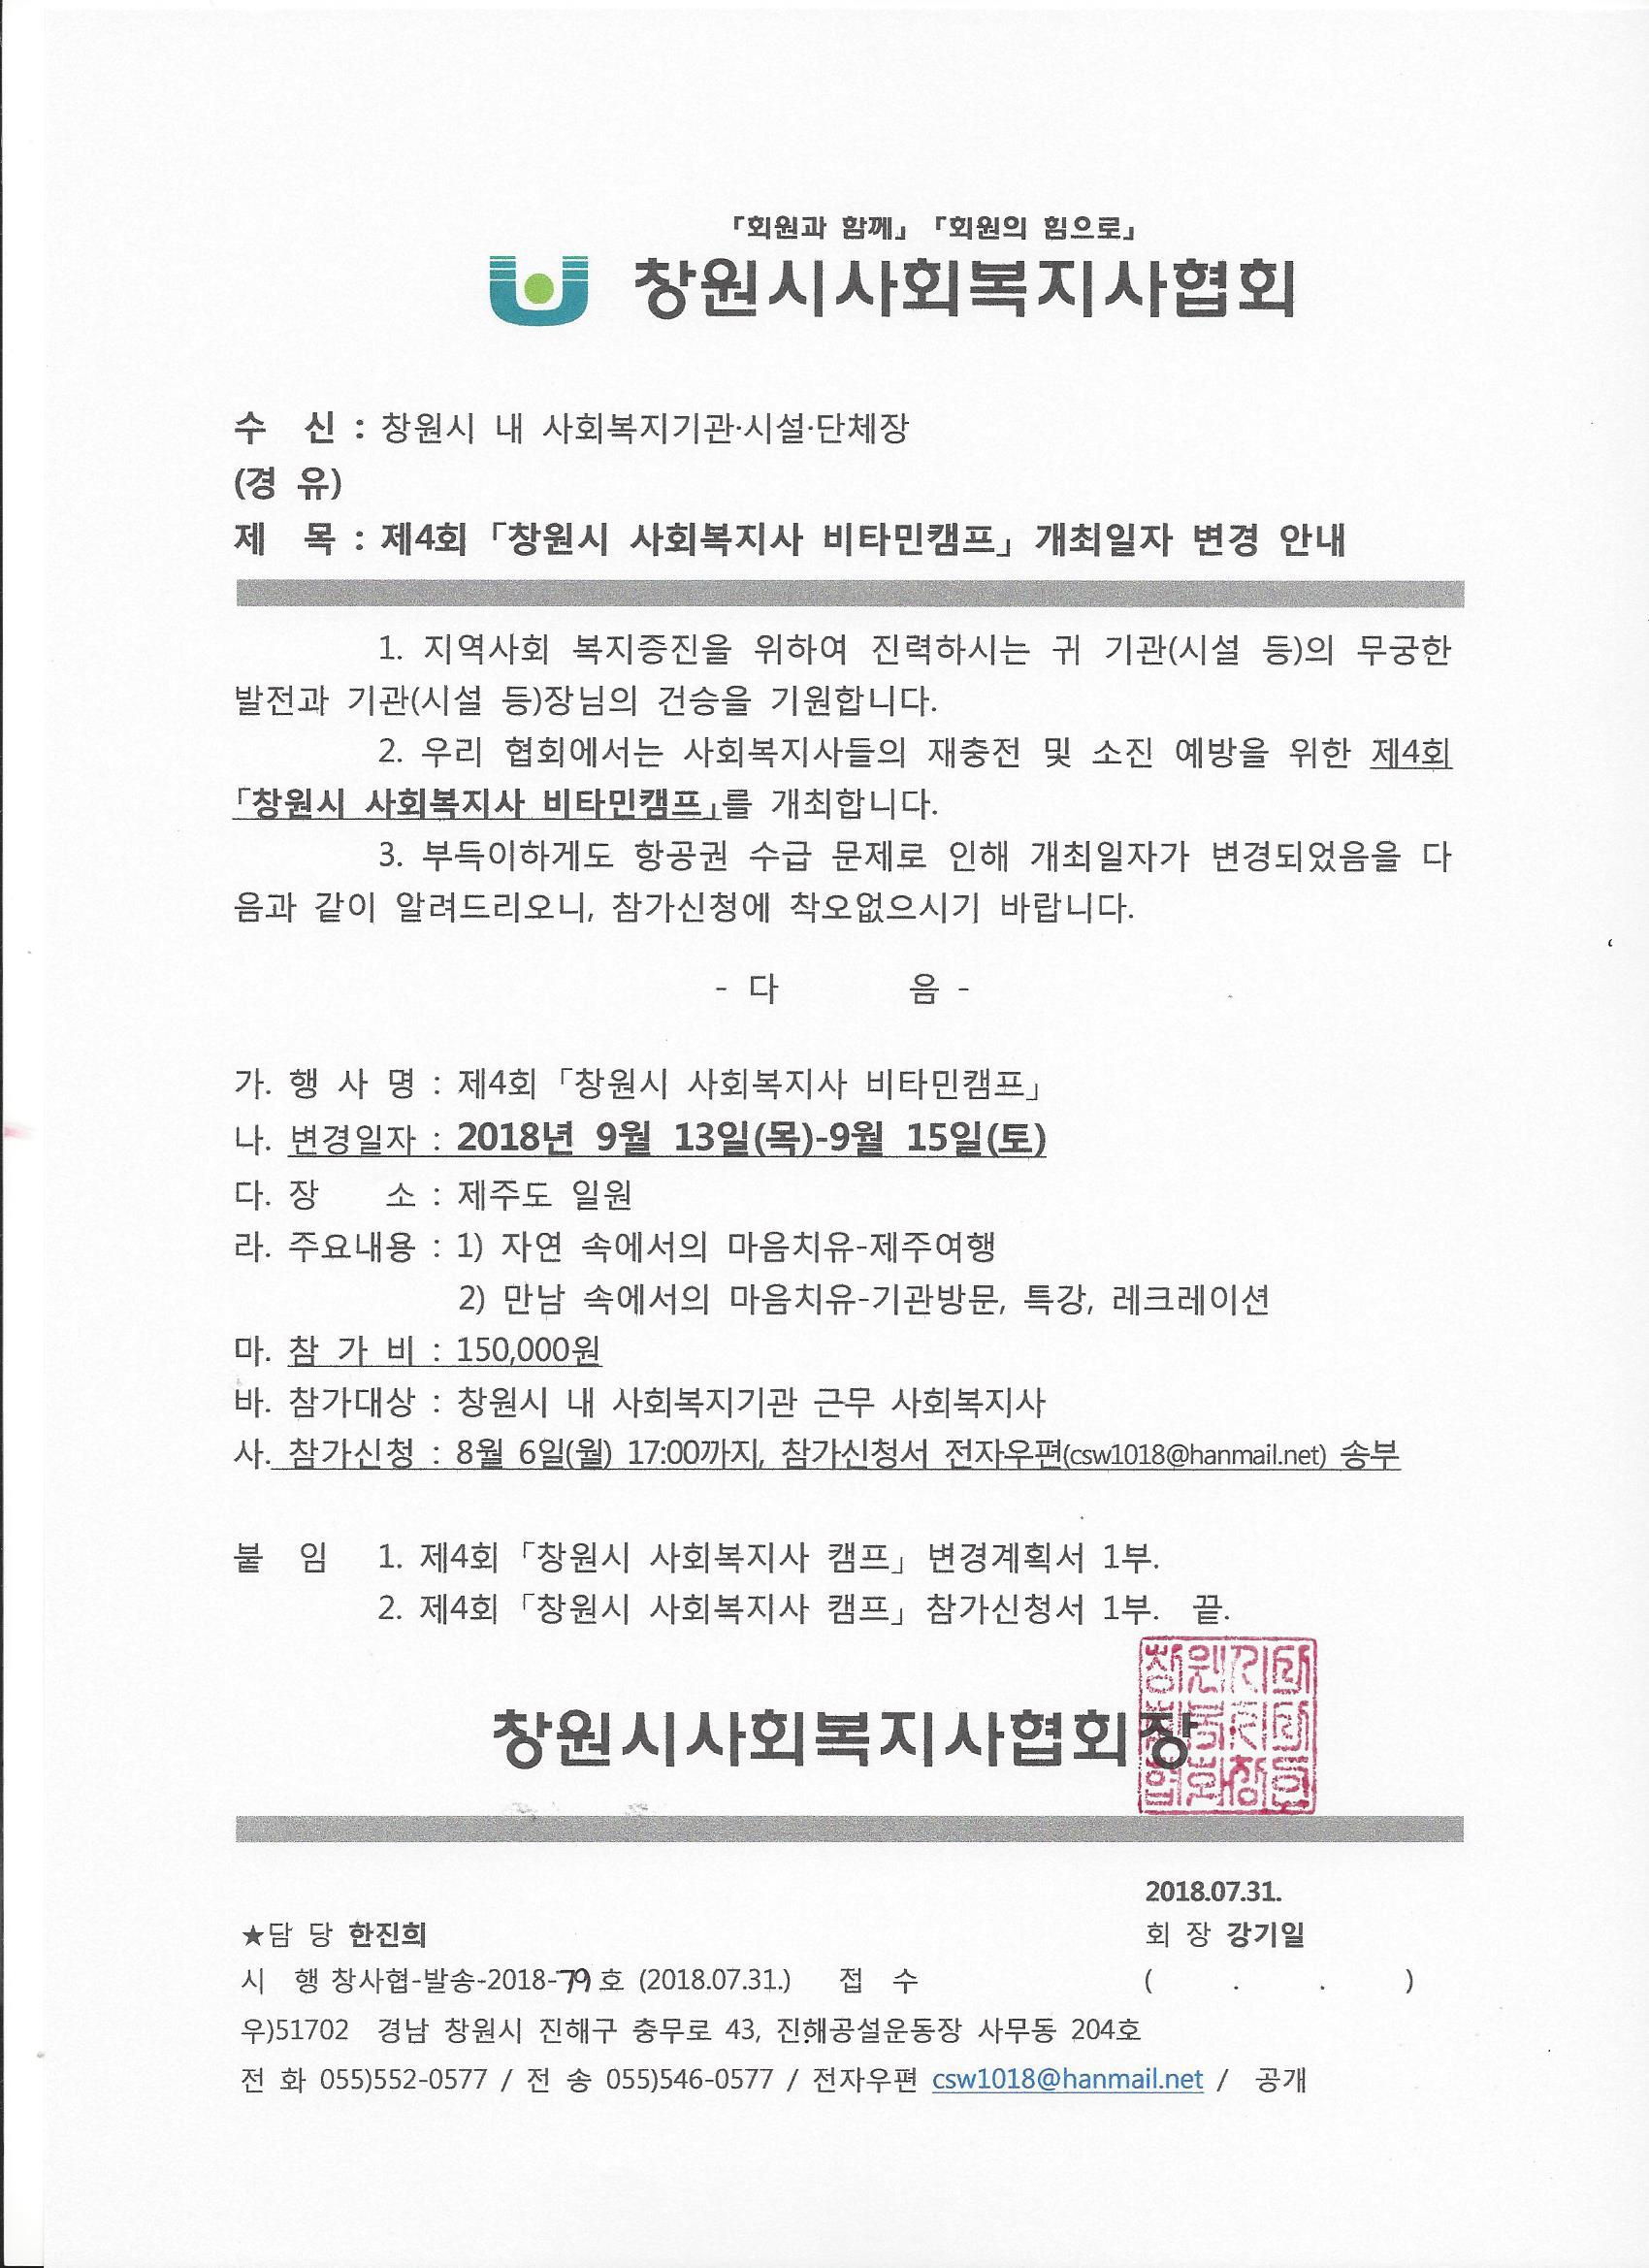 공문-비타민캠프 개최일자 변경 안내.jpg